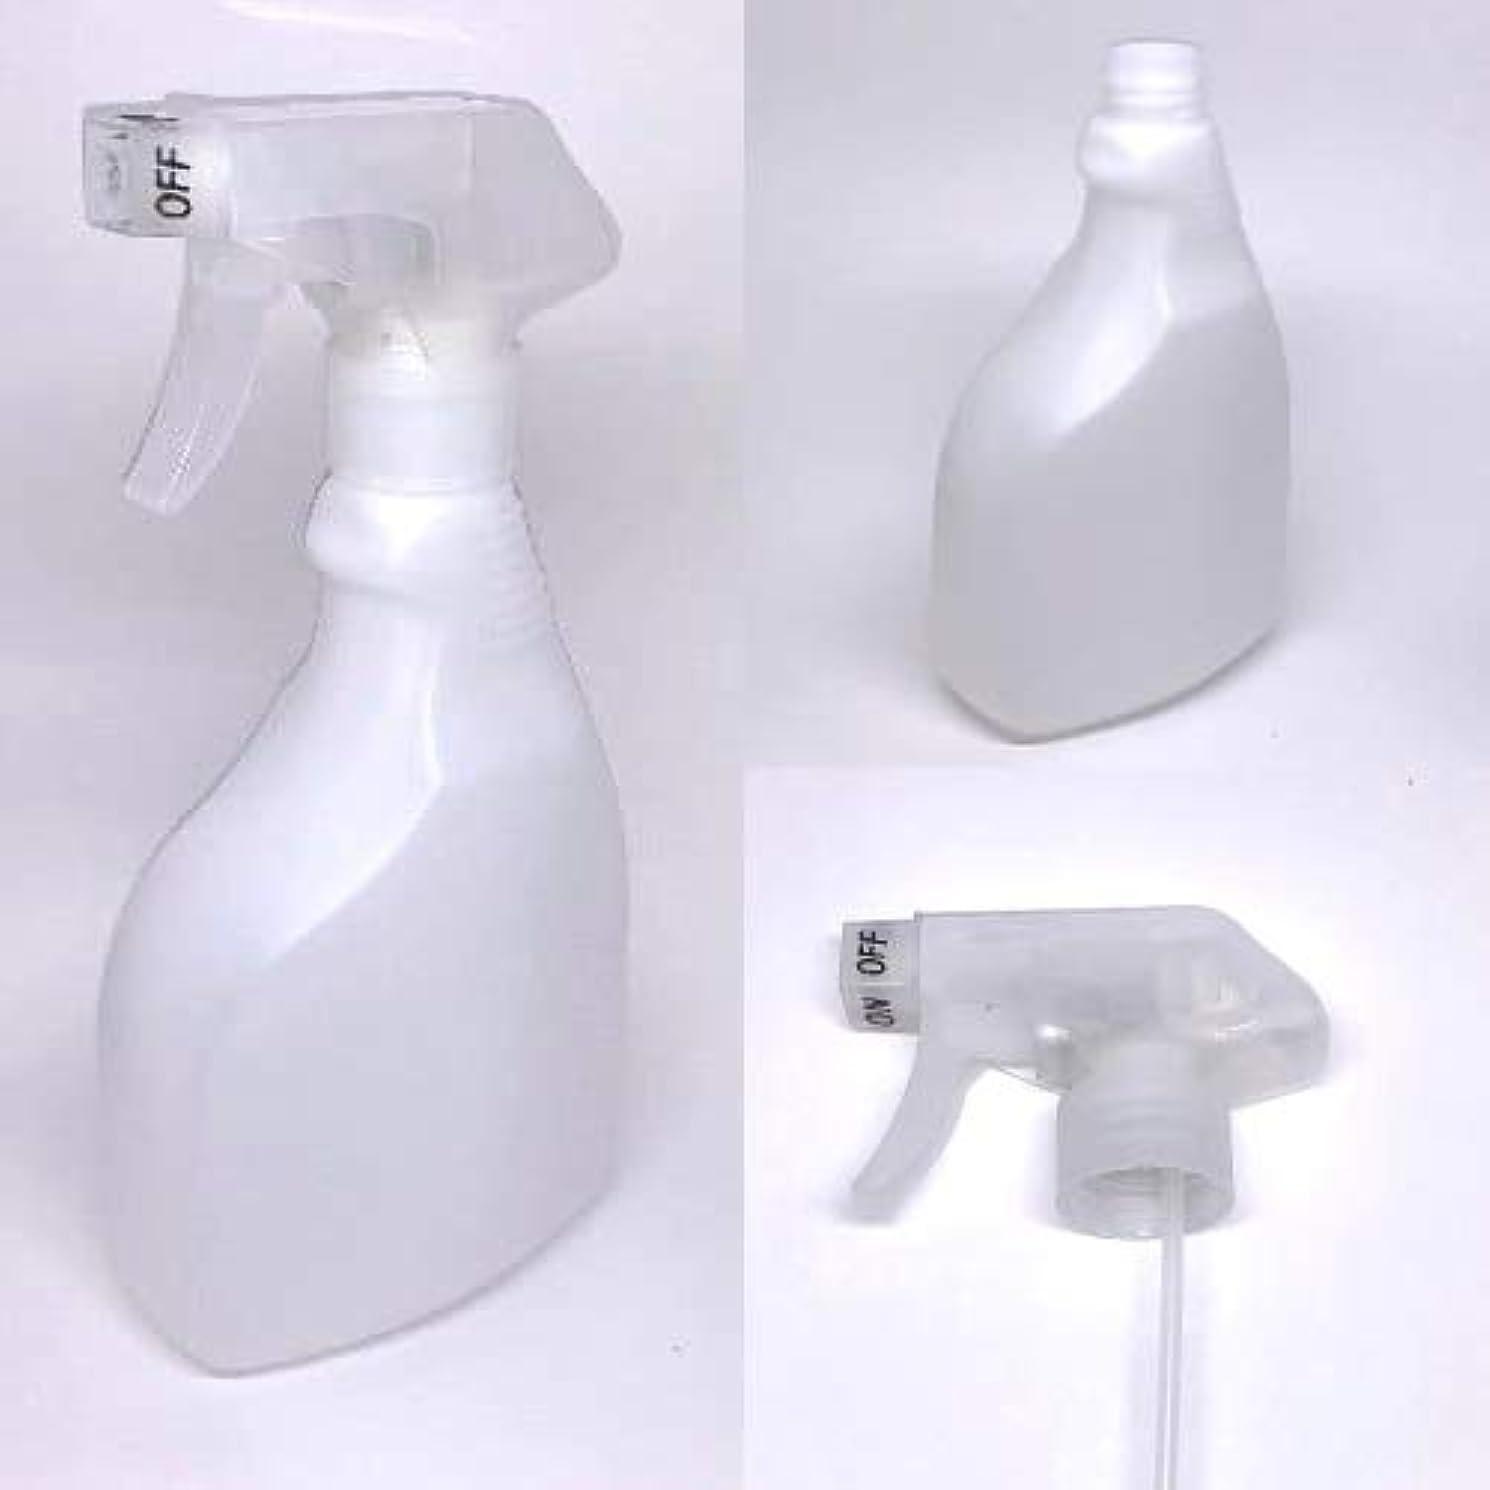 スプレーボトル 500ml/アルコール製剤、消毒用アルコール等の詰替えに (ナチュラルホワイト)【ボトル?容器】【いまじん】